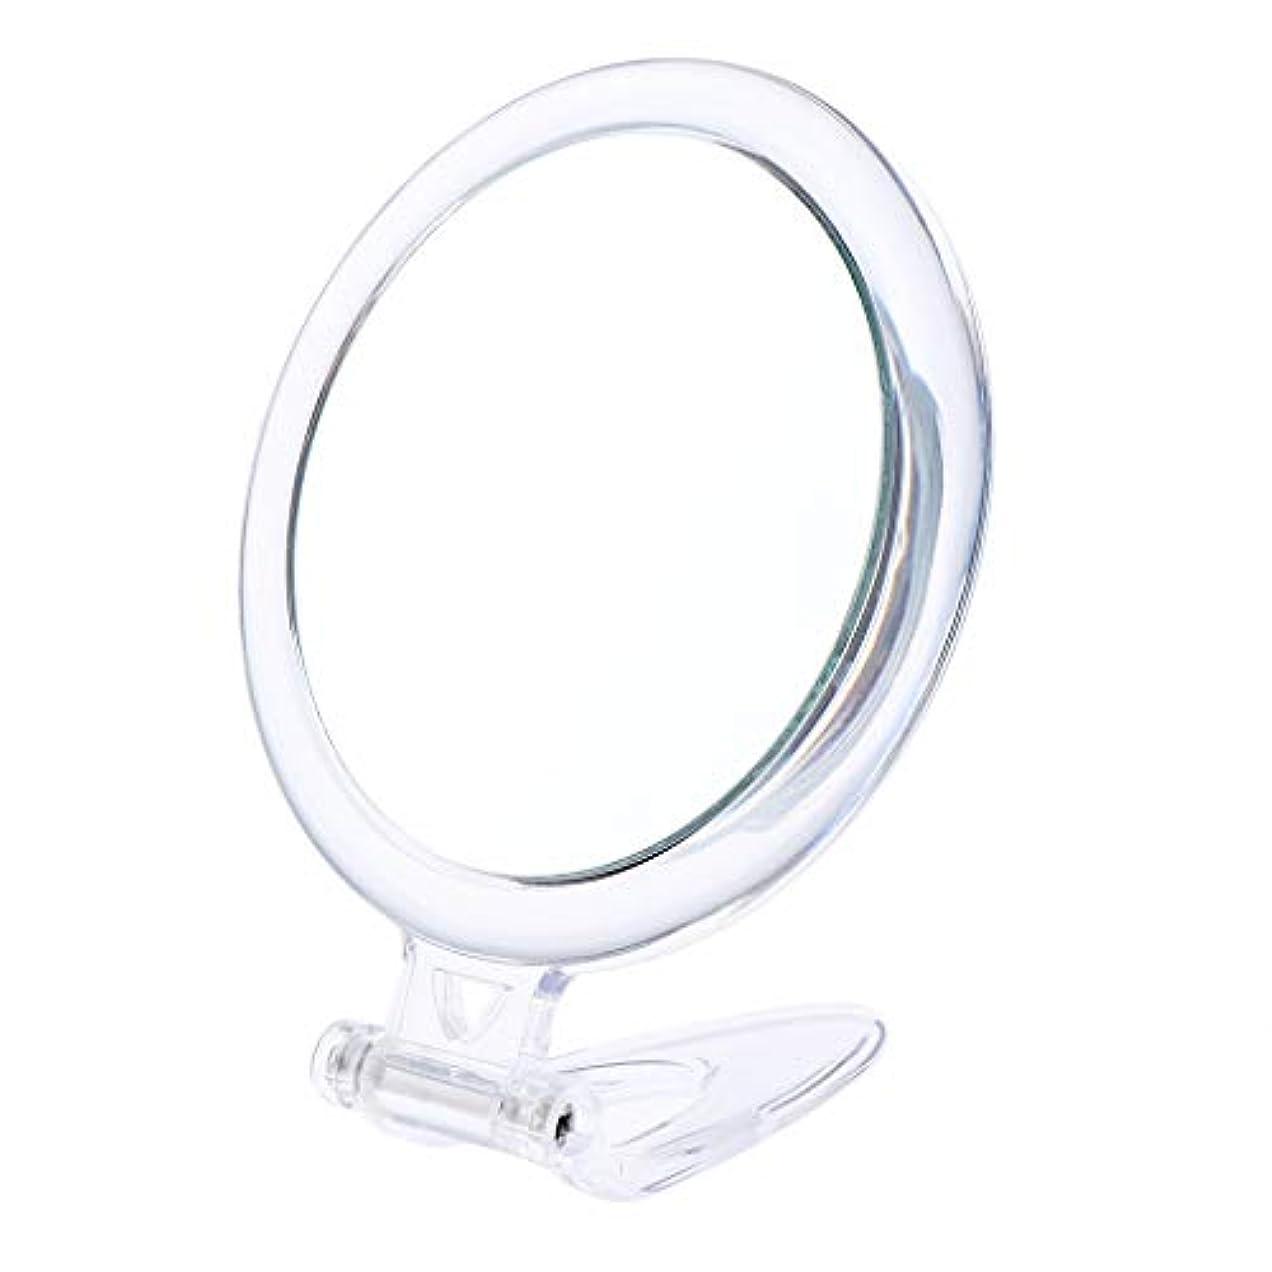 政治家の踊り子有用耐久性のある10倍拡大化粧鏡寮の洗面所の浴室の化粧鏡